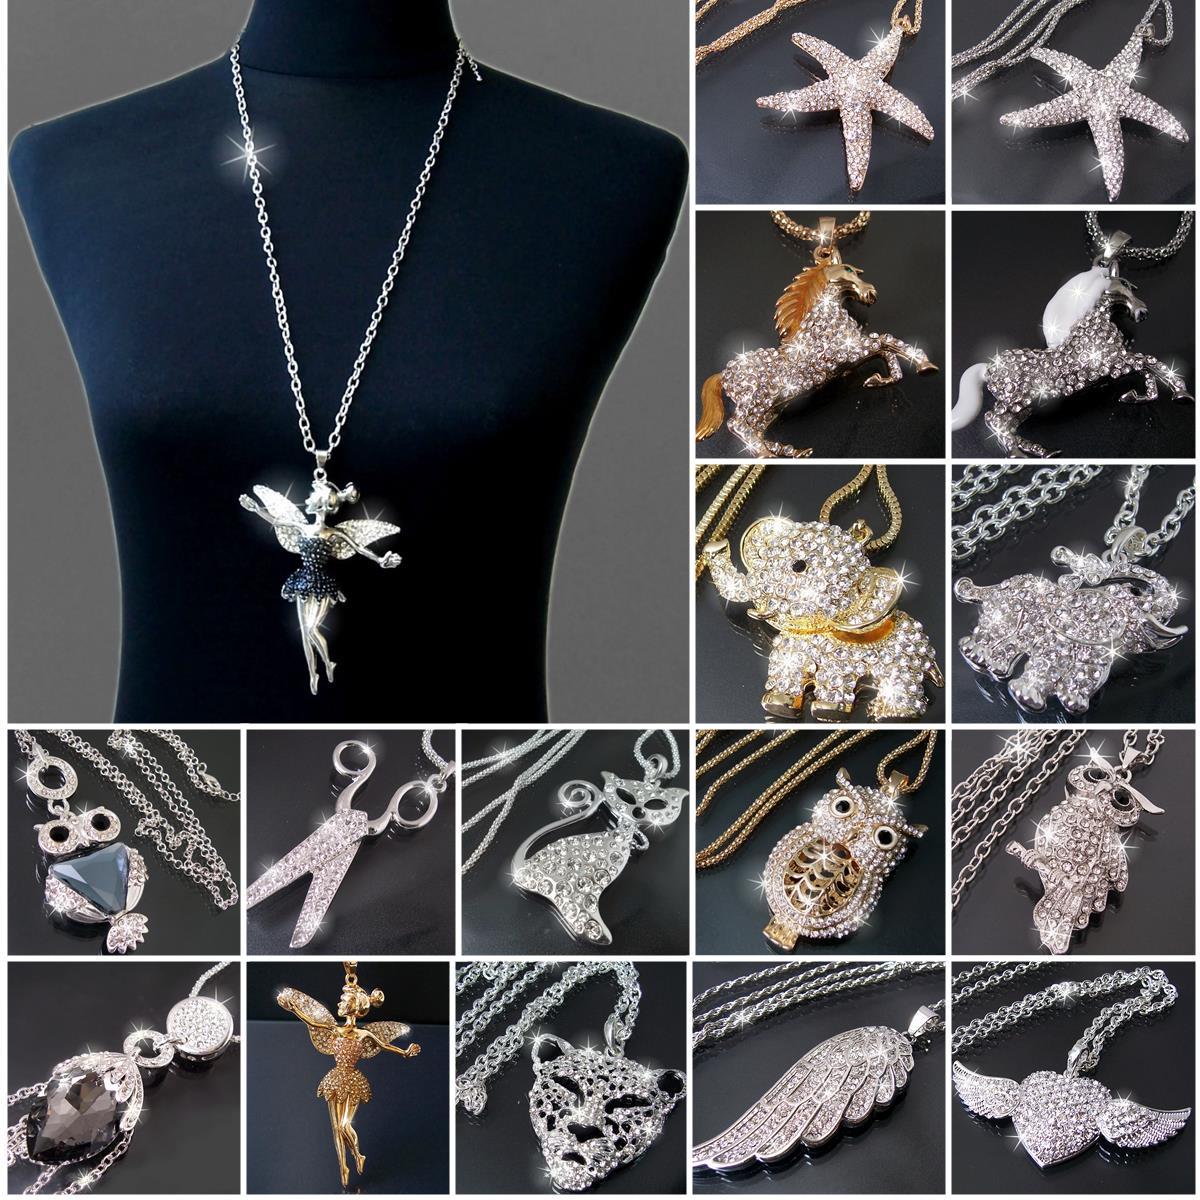 Modeschmuck kette  Lange Halskette Kette Silber Gold mit Anhänger Strass Zirkonia ...